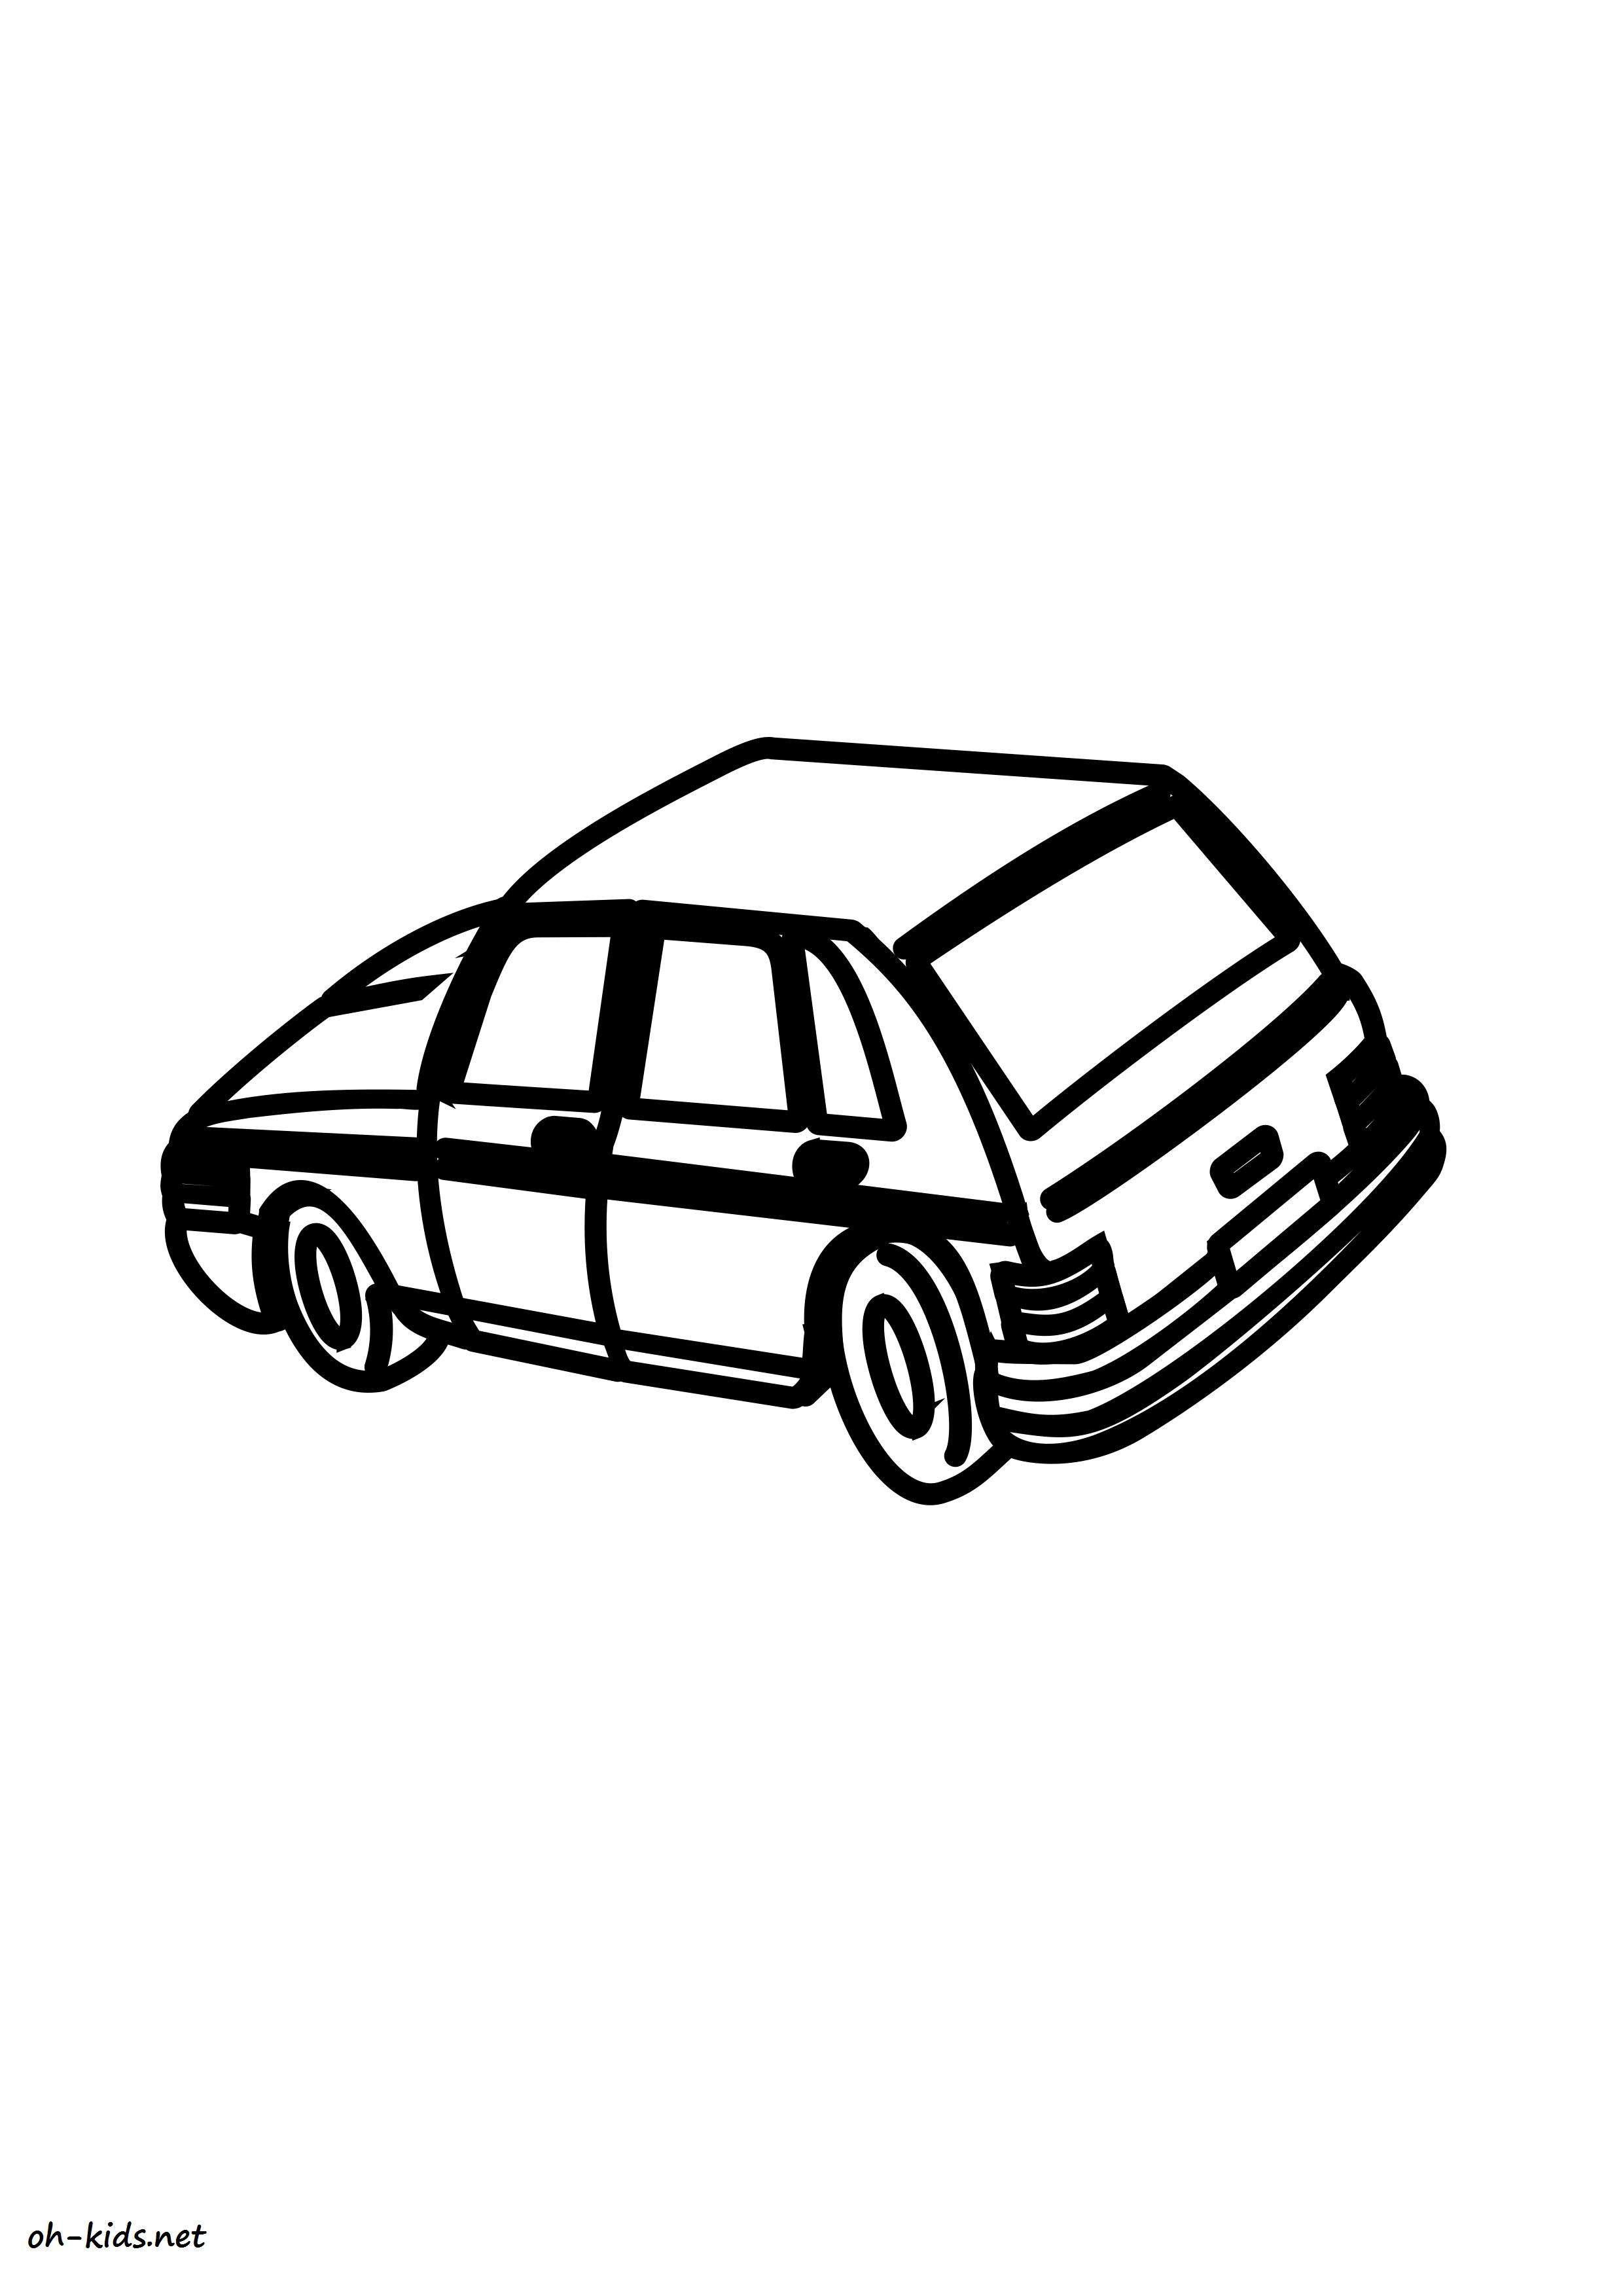 Coloriage de automobile gratuit a imprimer et colorier - Dessin #1433